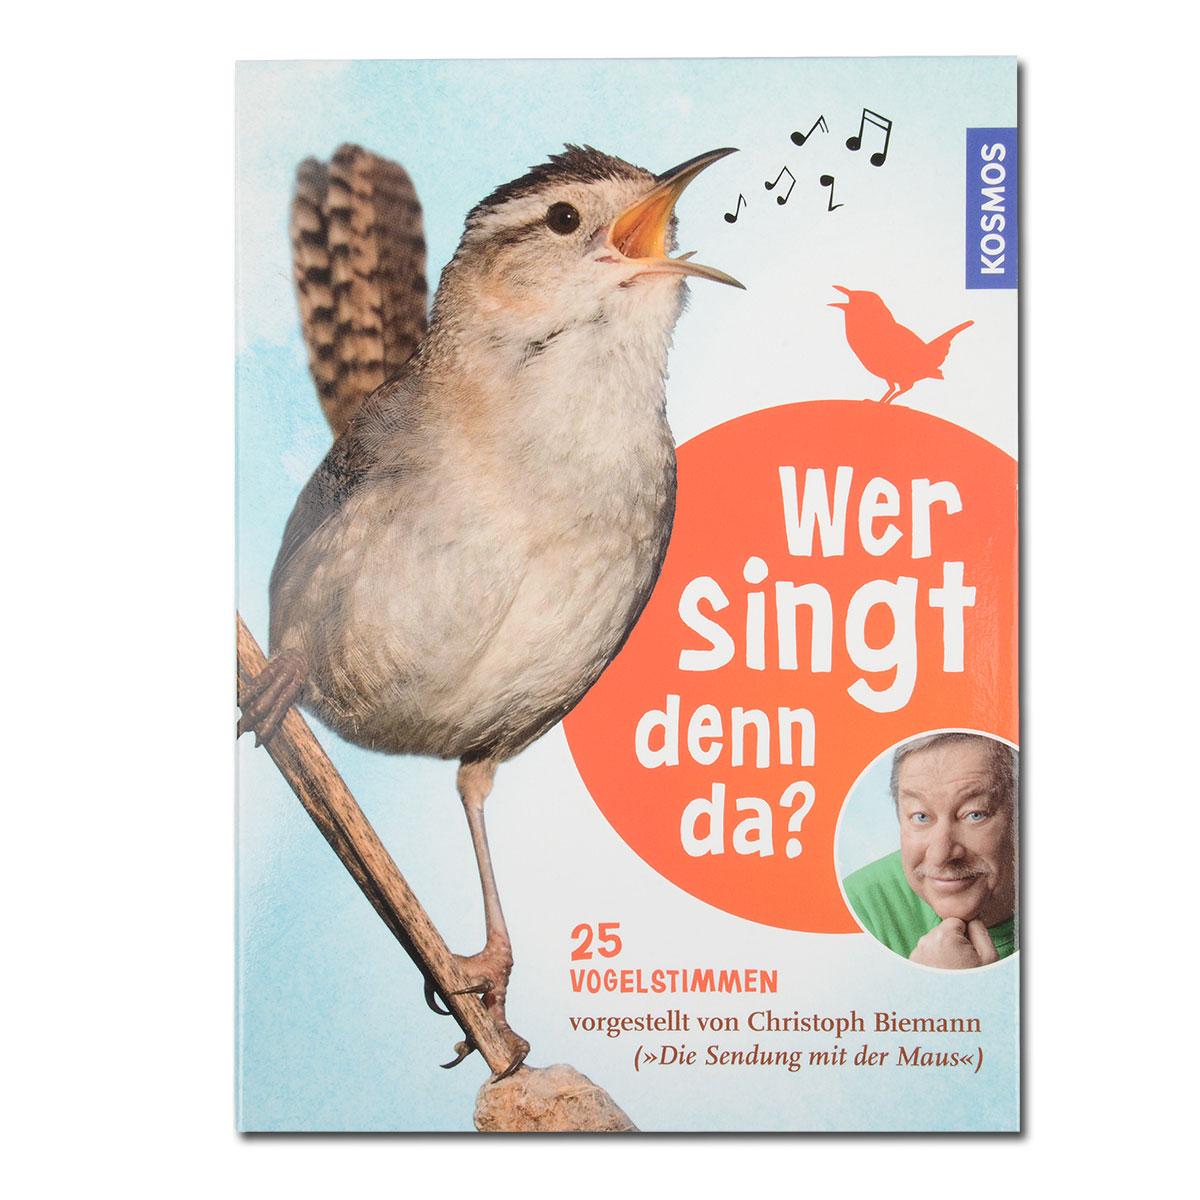 Wer singt denn da? (CD + Buch) im Pareyshop